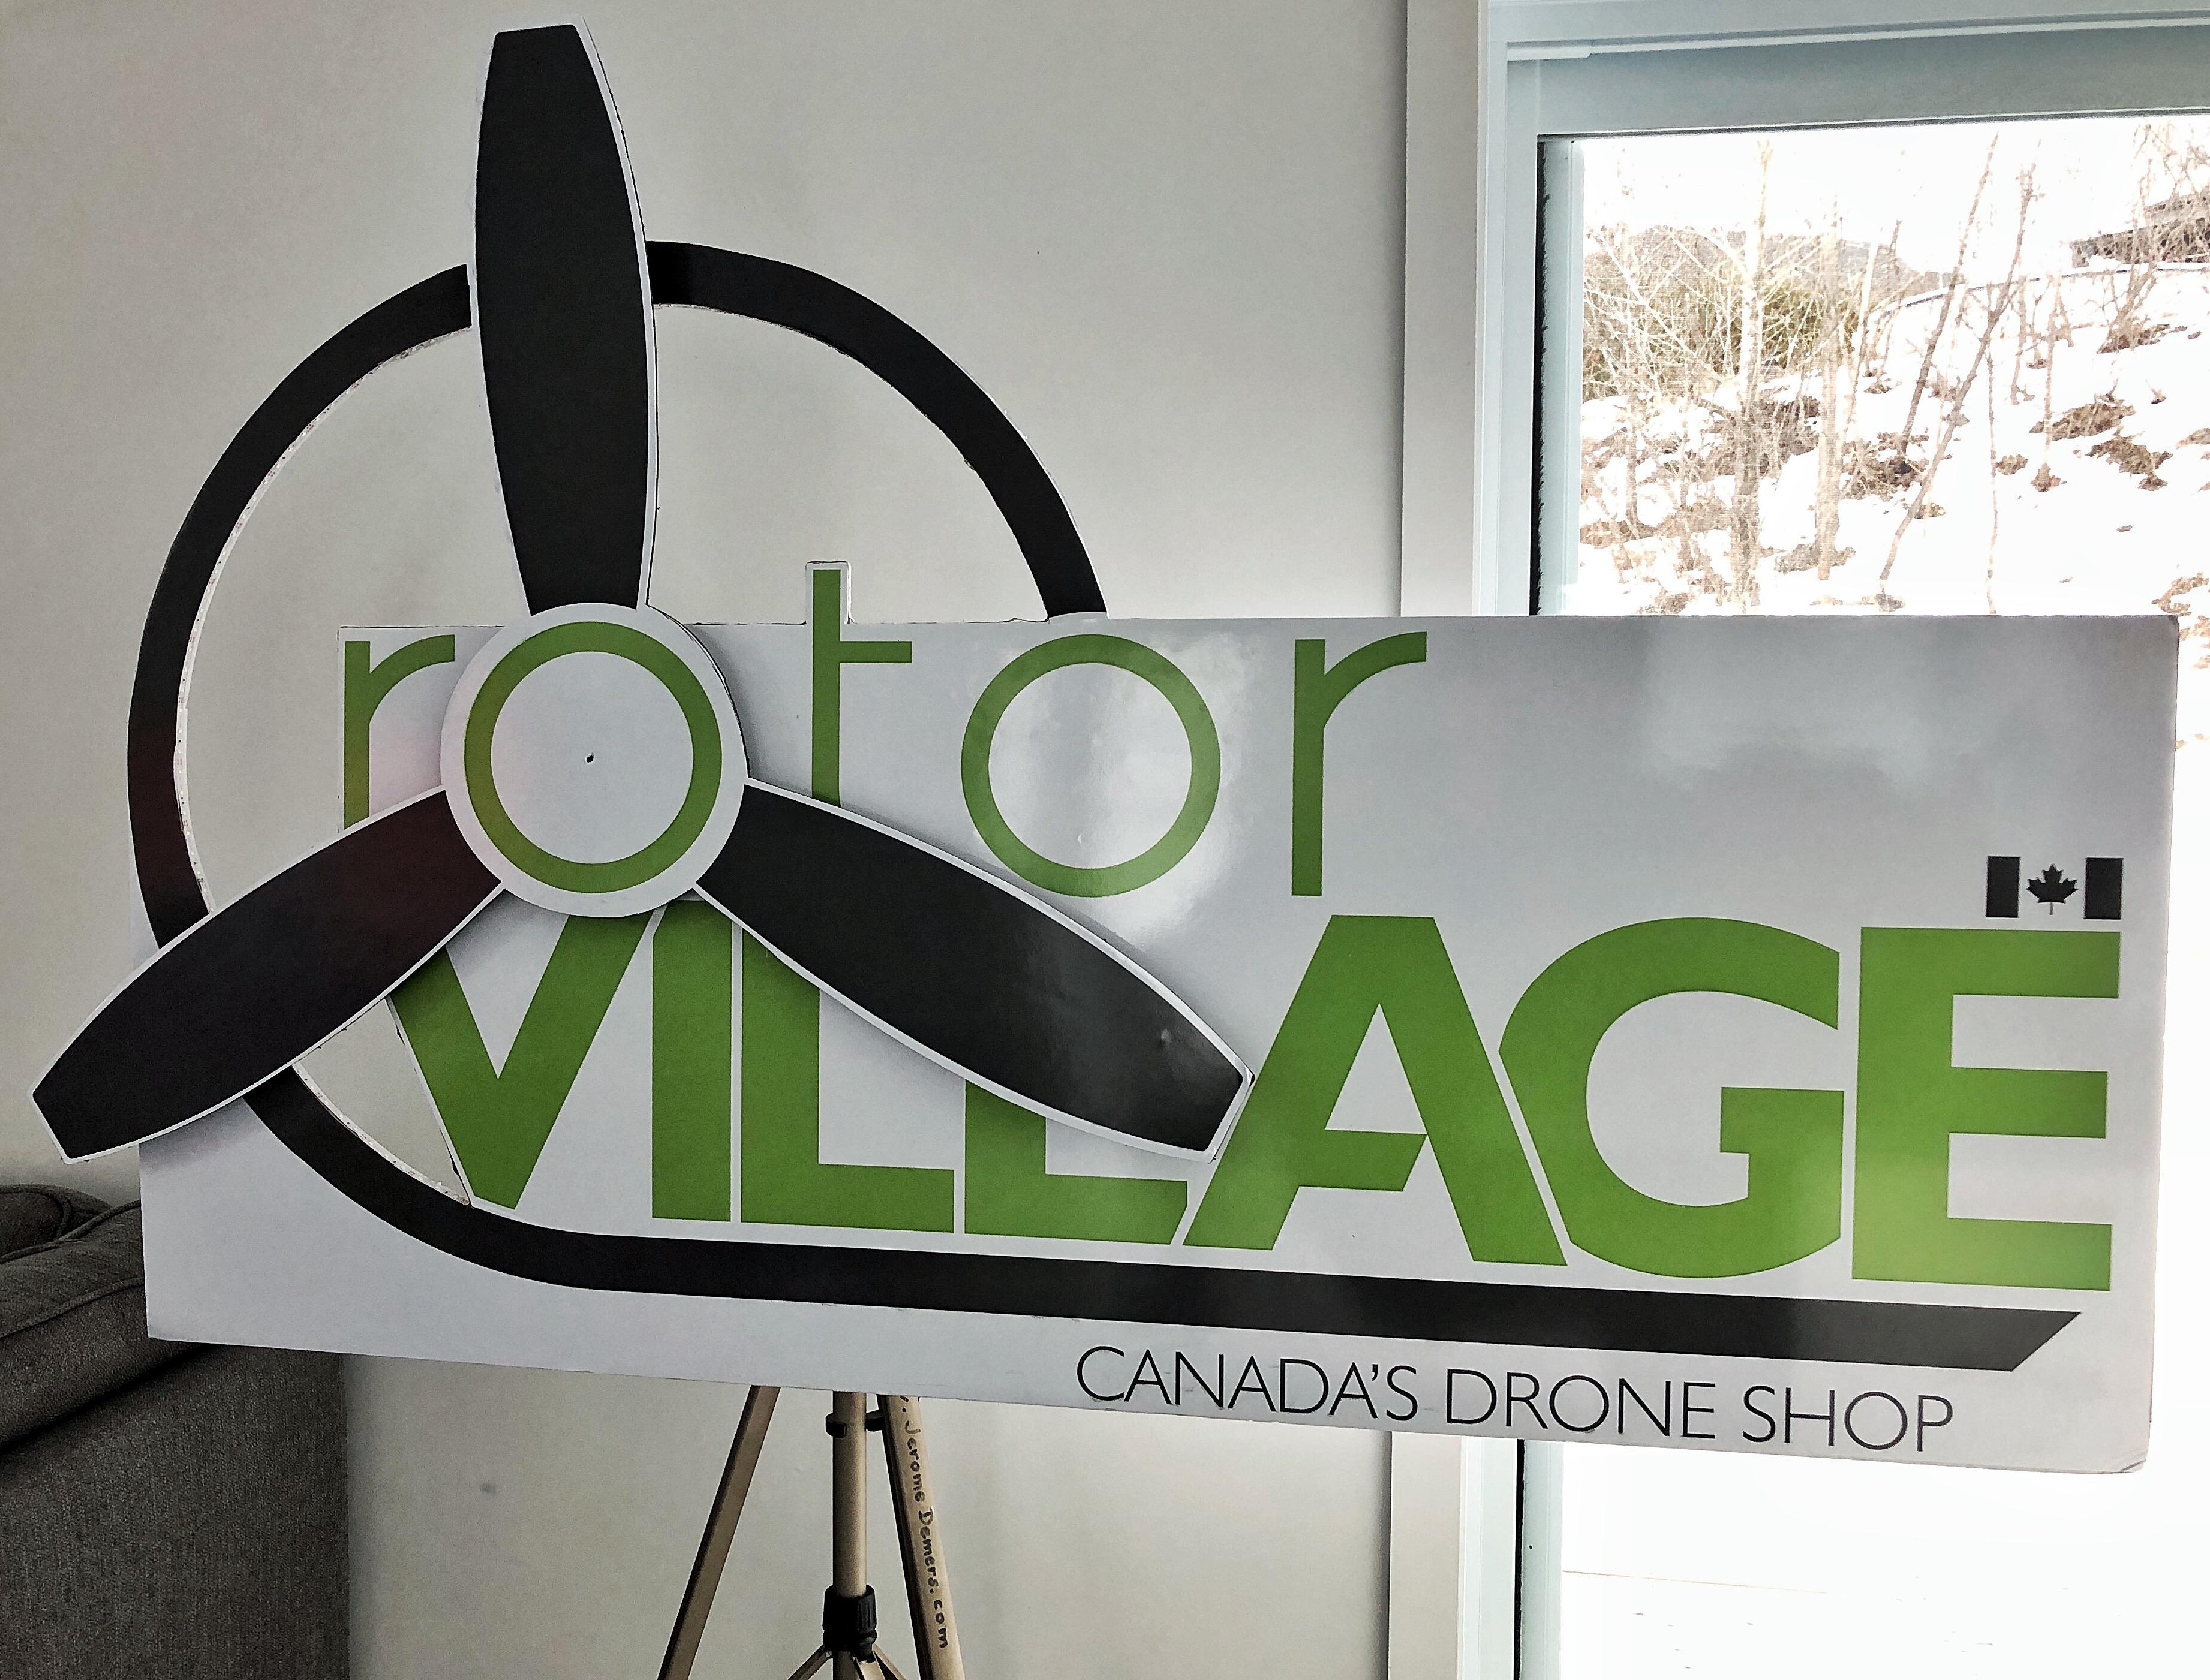 drone_gate_move_rotor_village